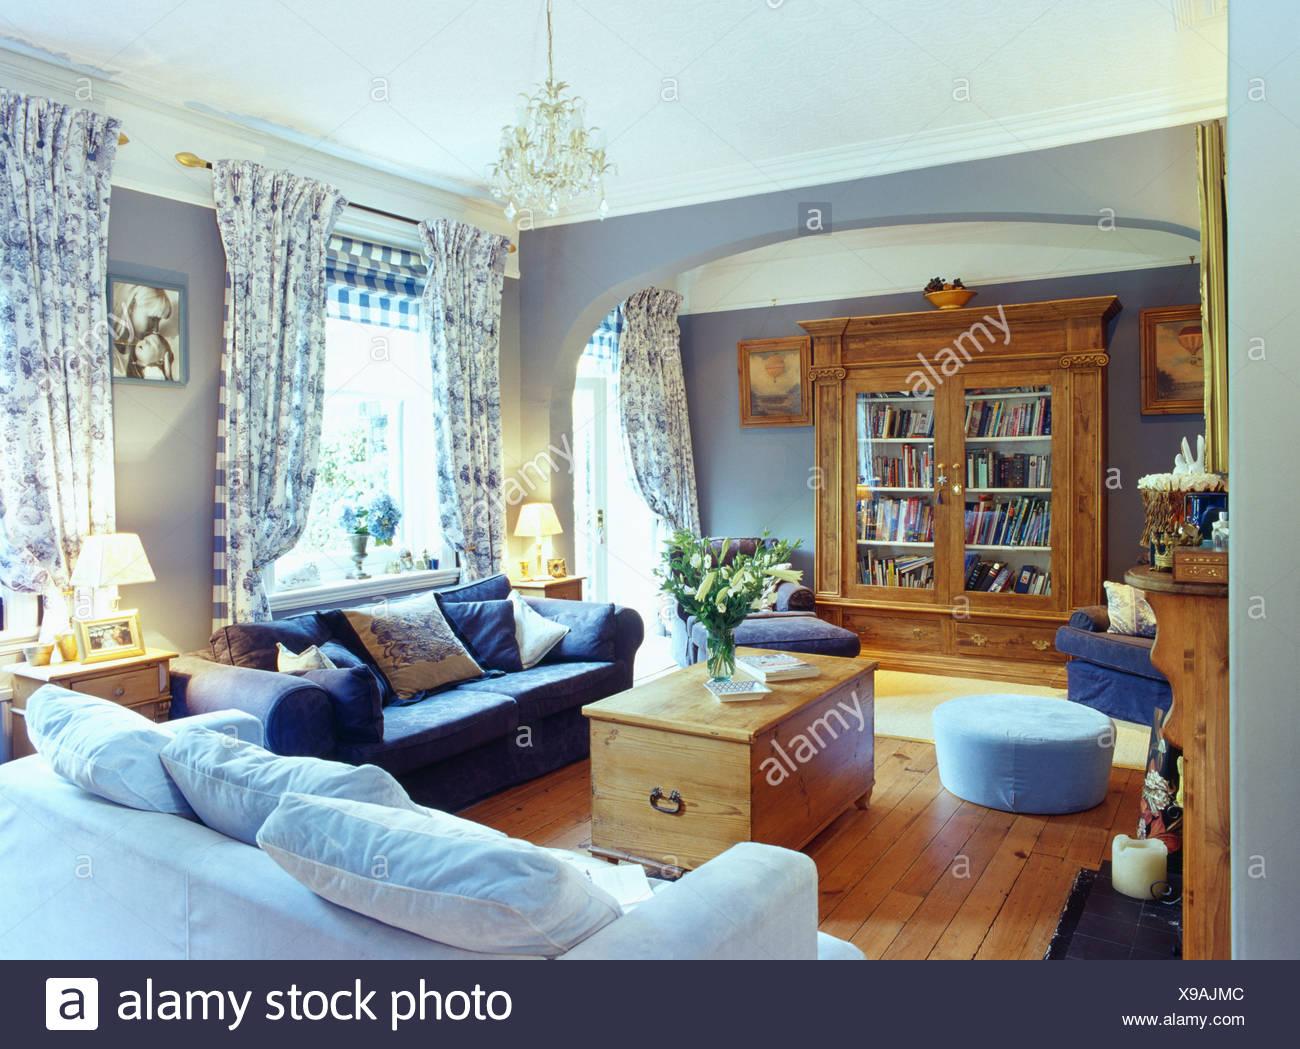 Hellblau Und Dunkel Blauen Sofas Und Brust In Hellblau, Wohnzimmer Mit  Floral Gardinen Und Holzboden Und Großen Schrank Kiefer